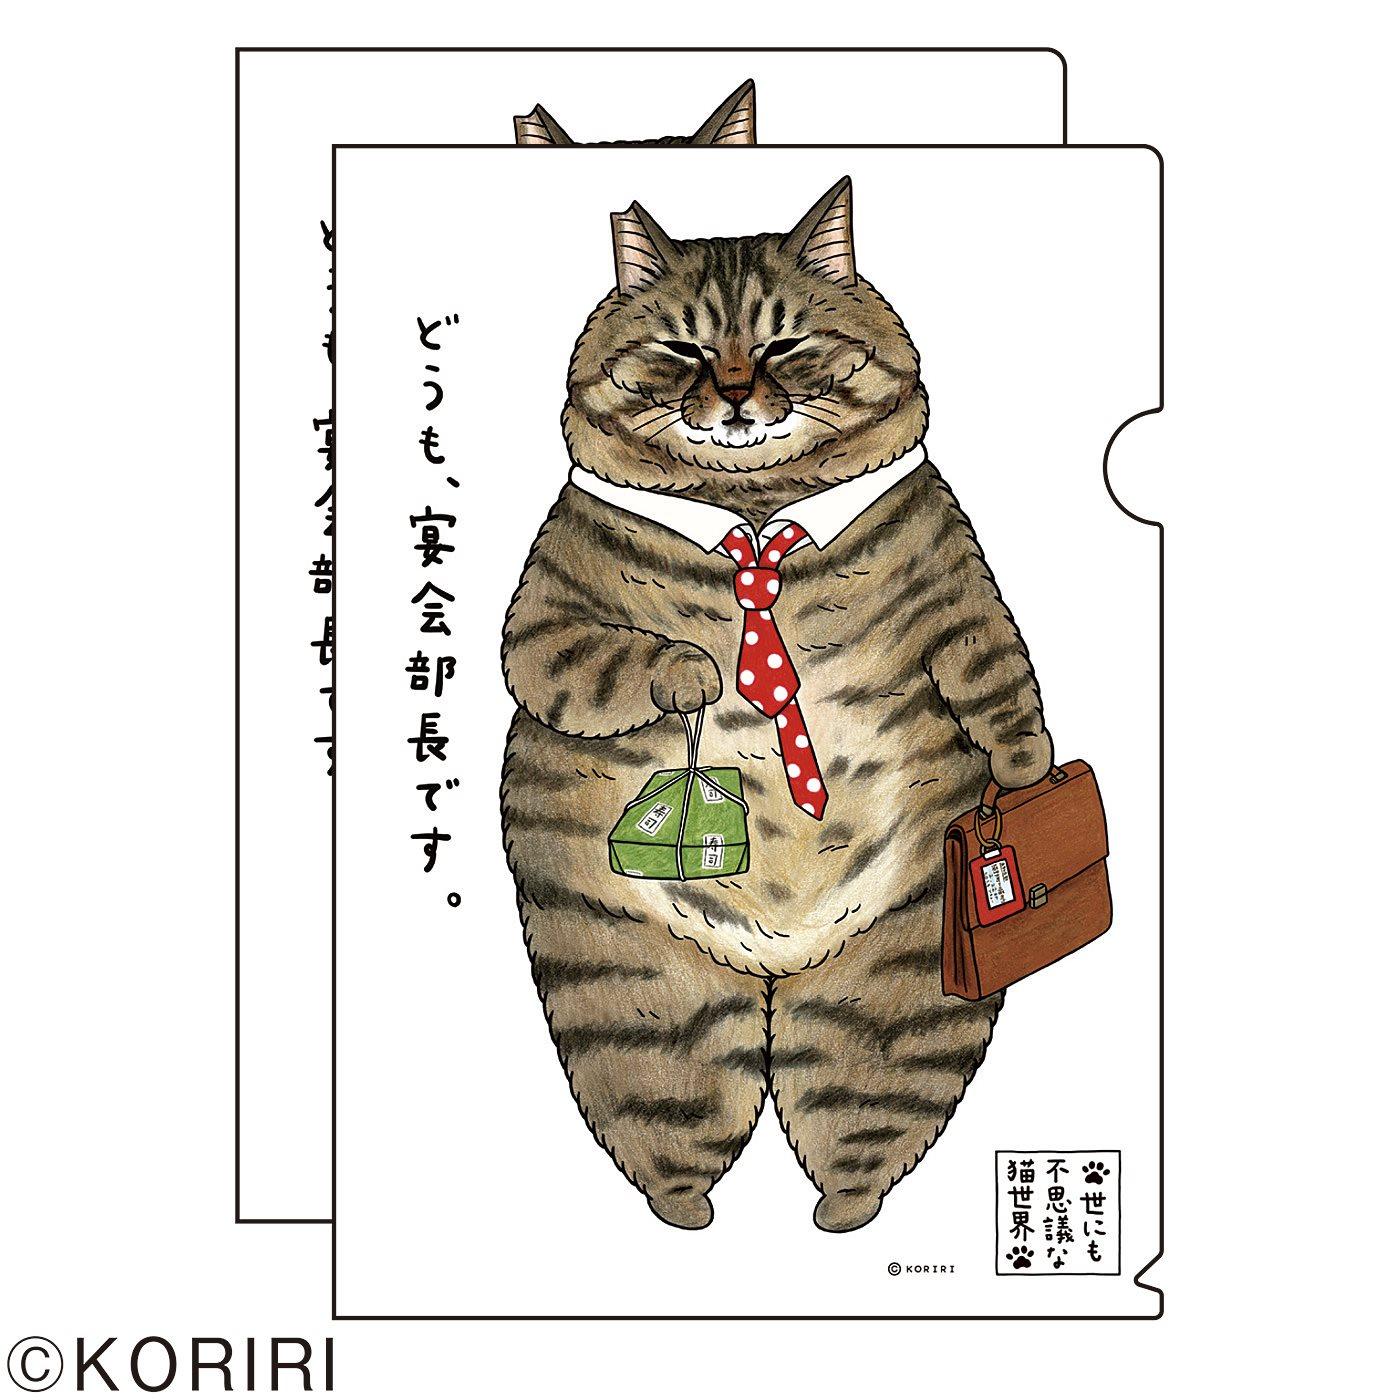 猫部×世にも不思議な猫世界 地域猫チャリティークリアファイル2019